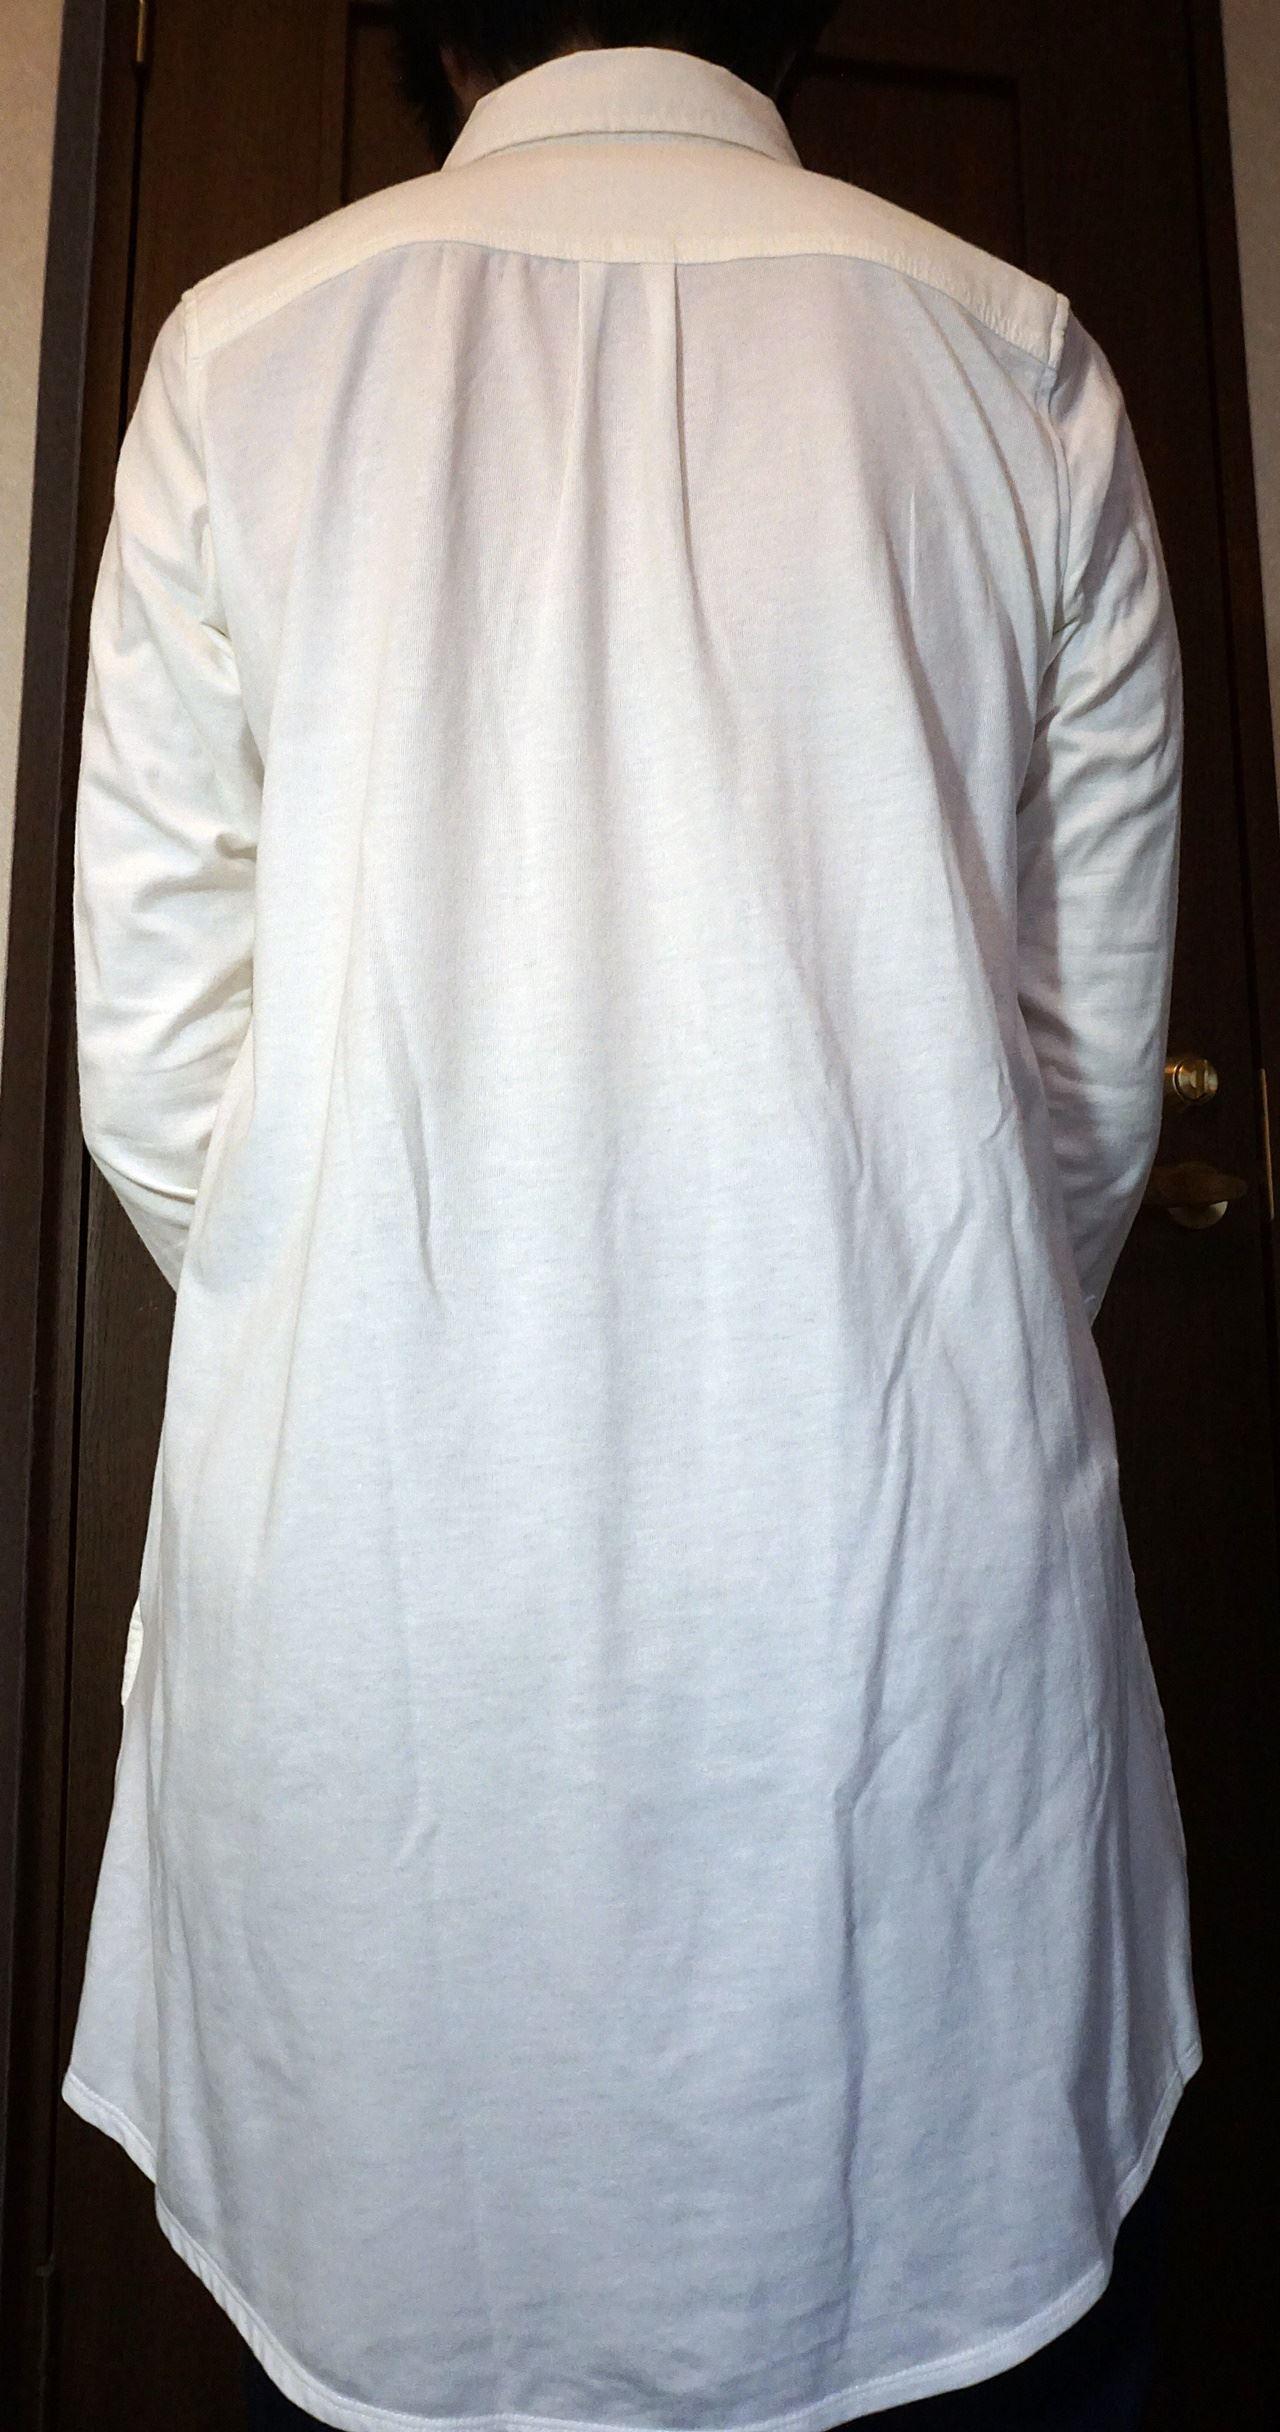 フェリシモ リブ イン コンフォート ストレッチガーゼxカットソーの長め丈シャツチュニック〈ホワイト〉の背中